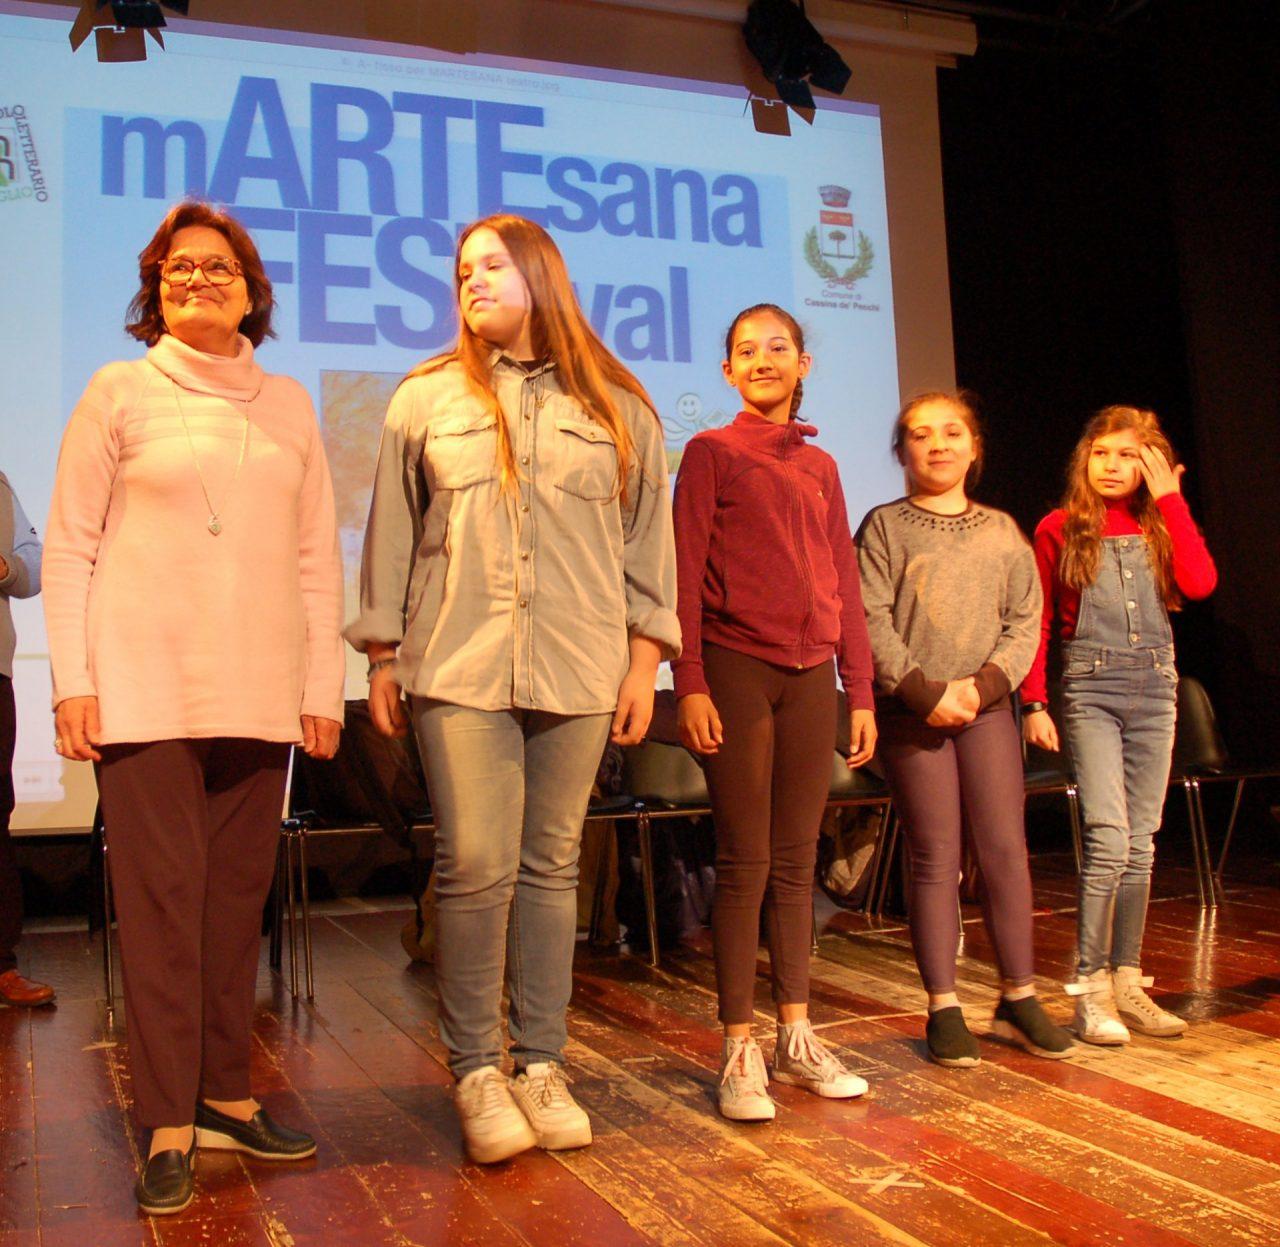 scrittori in erba concorso letterario specialissimo sottotraccia premiazione a piccolo teatro martesana cassina de